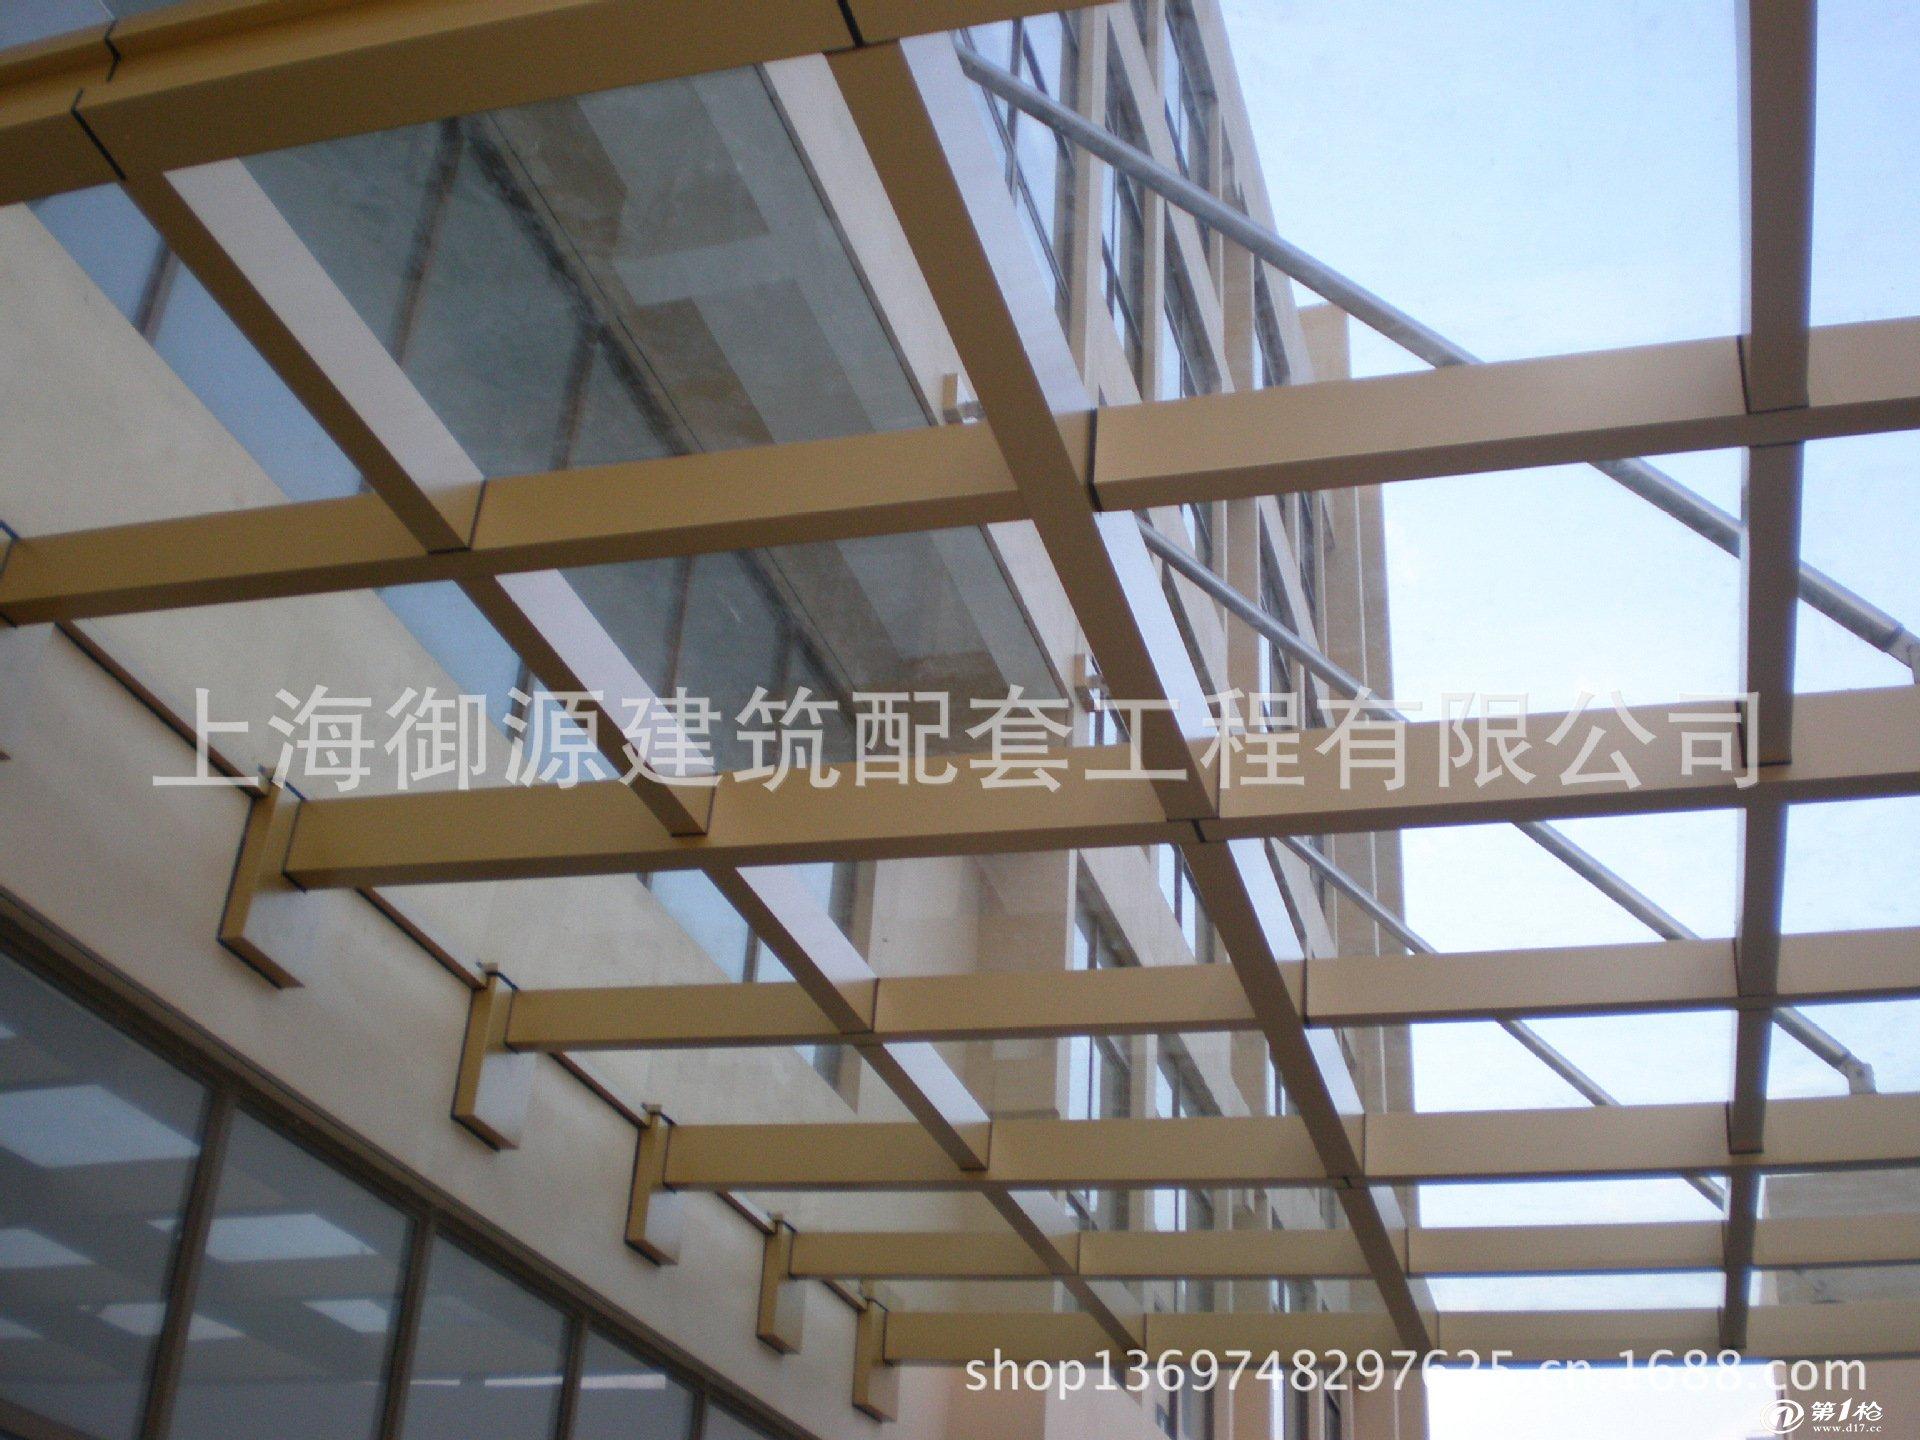 专业生产设计施工大型钢结构雨棚,钢结构玻璃雨棚 钢结构挡雨棚